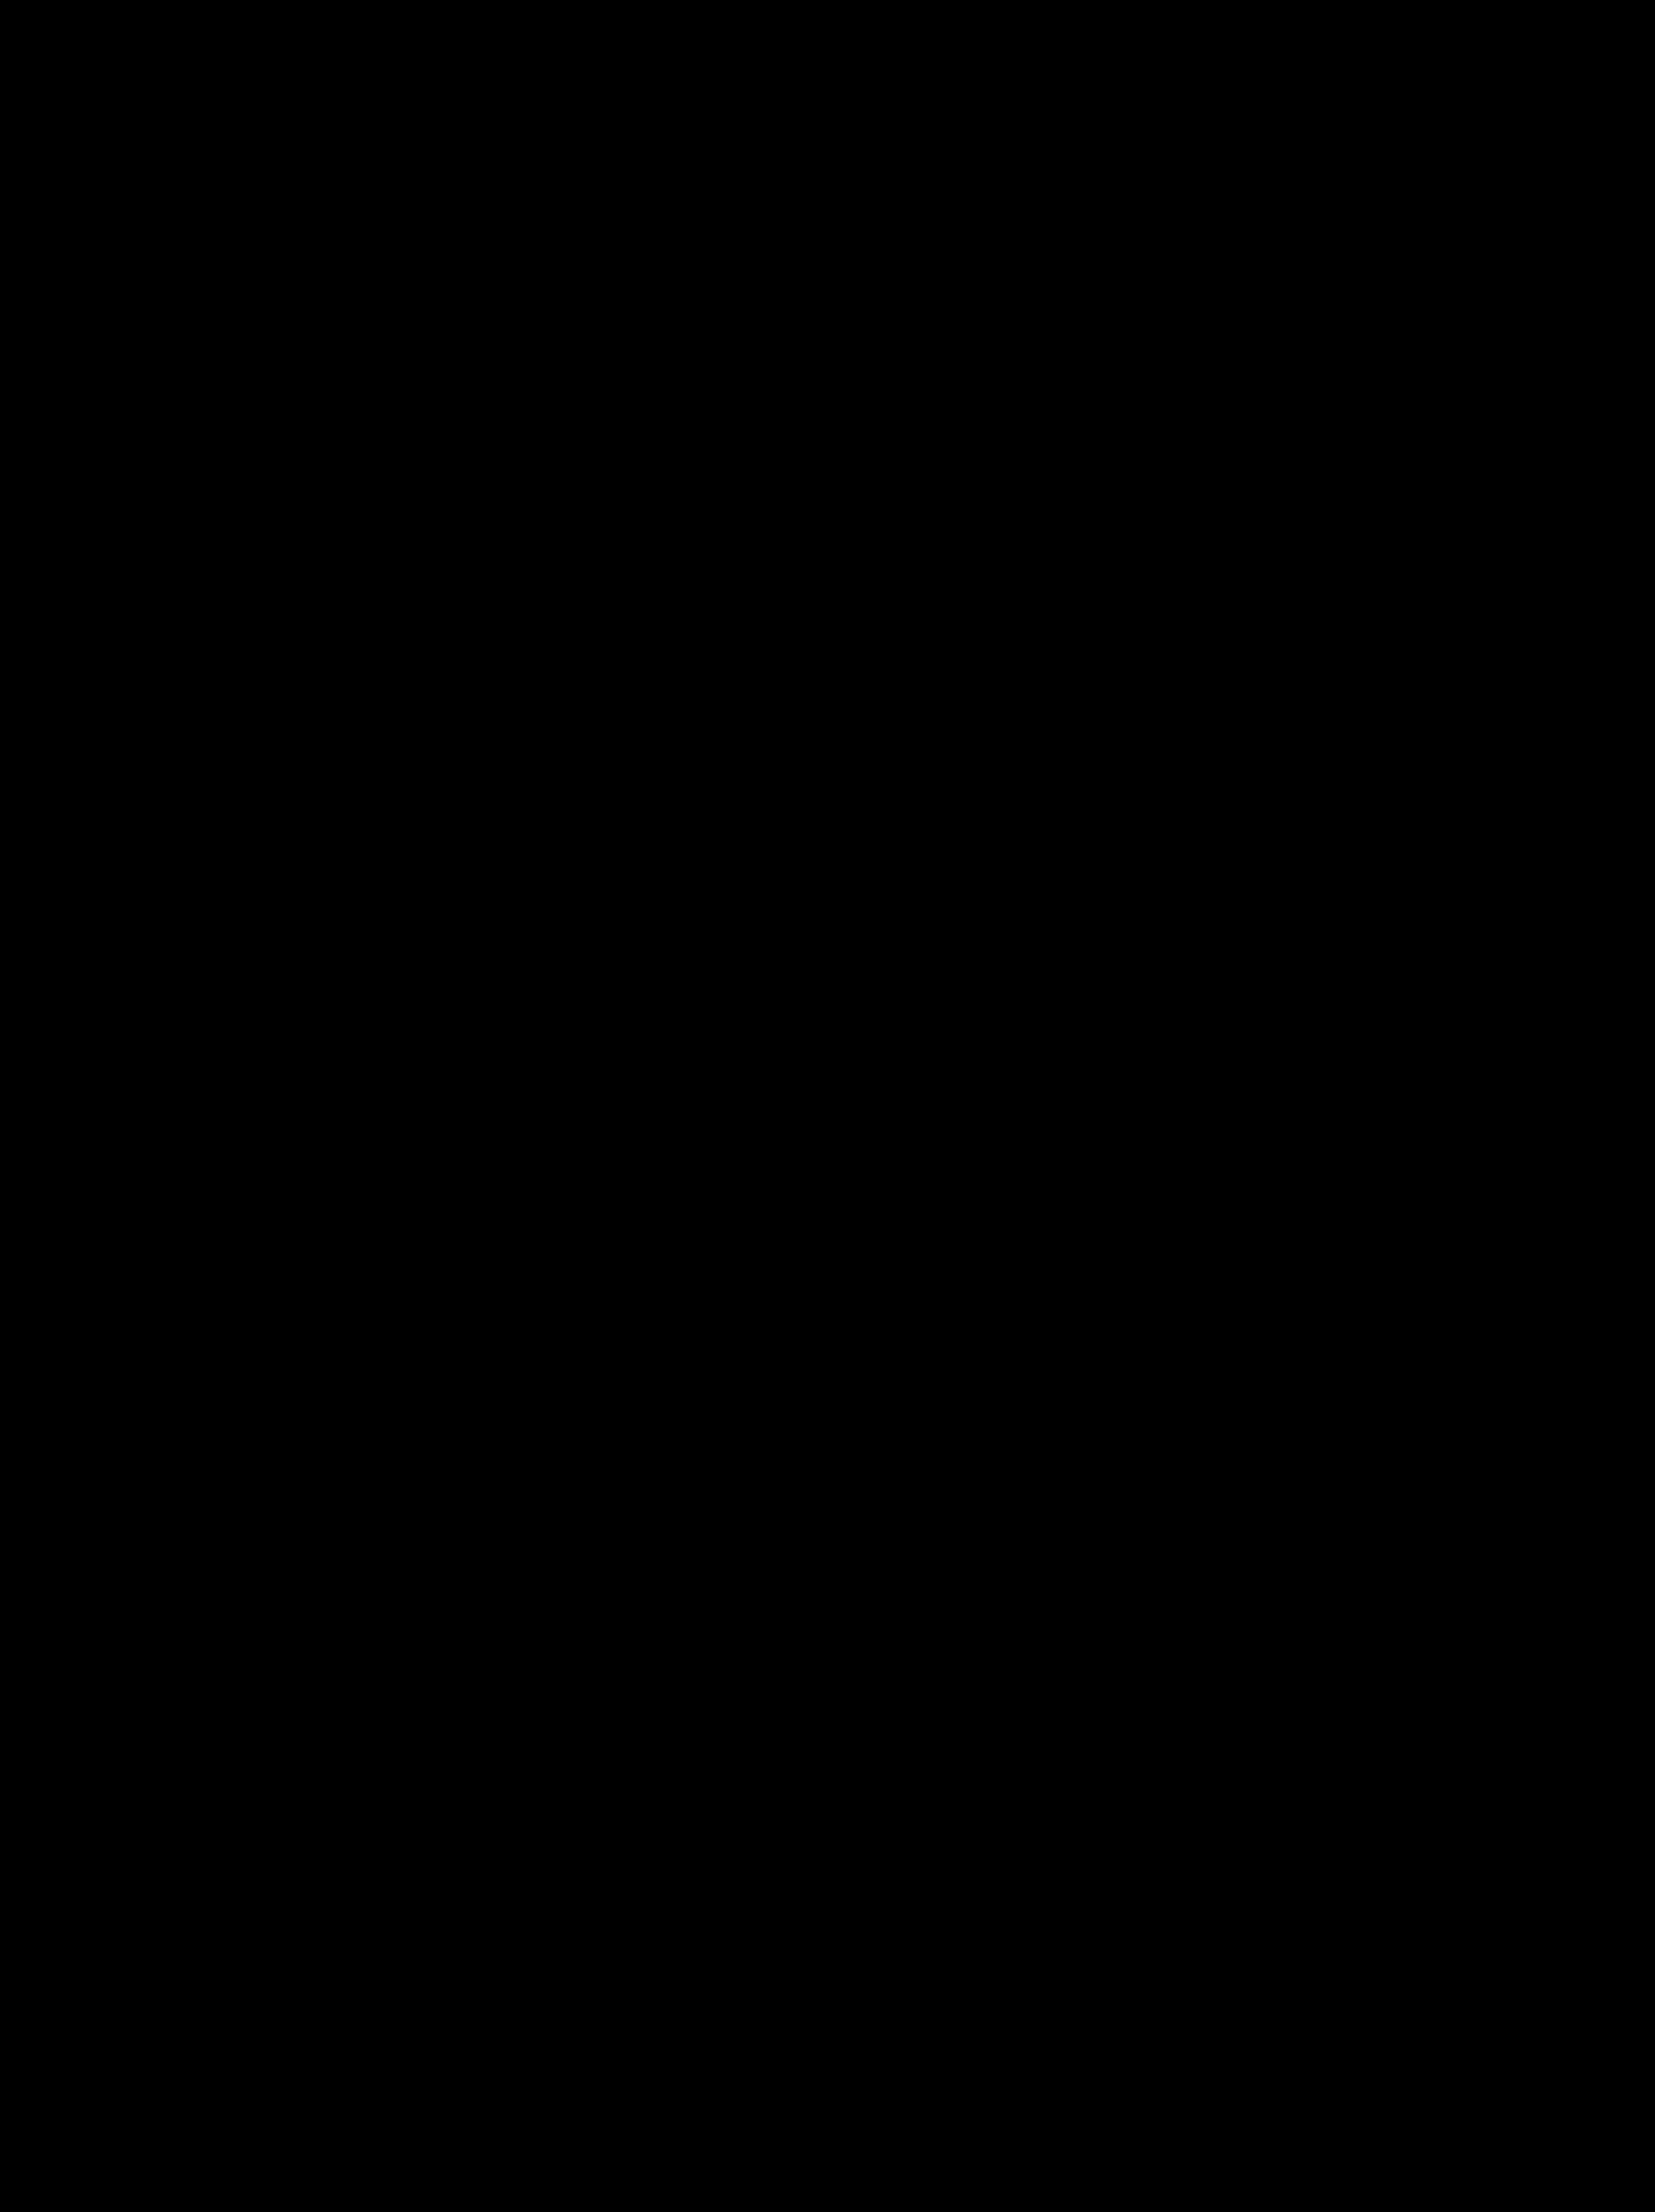 ピクトグラムMan.png